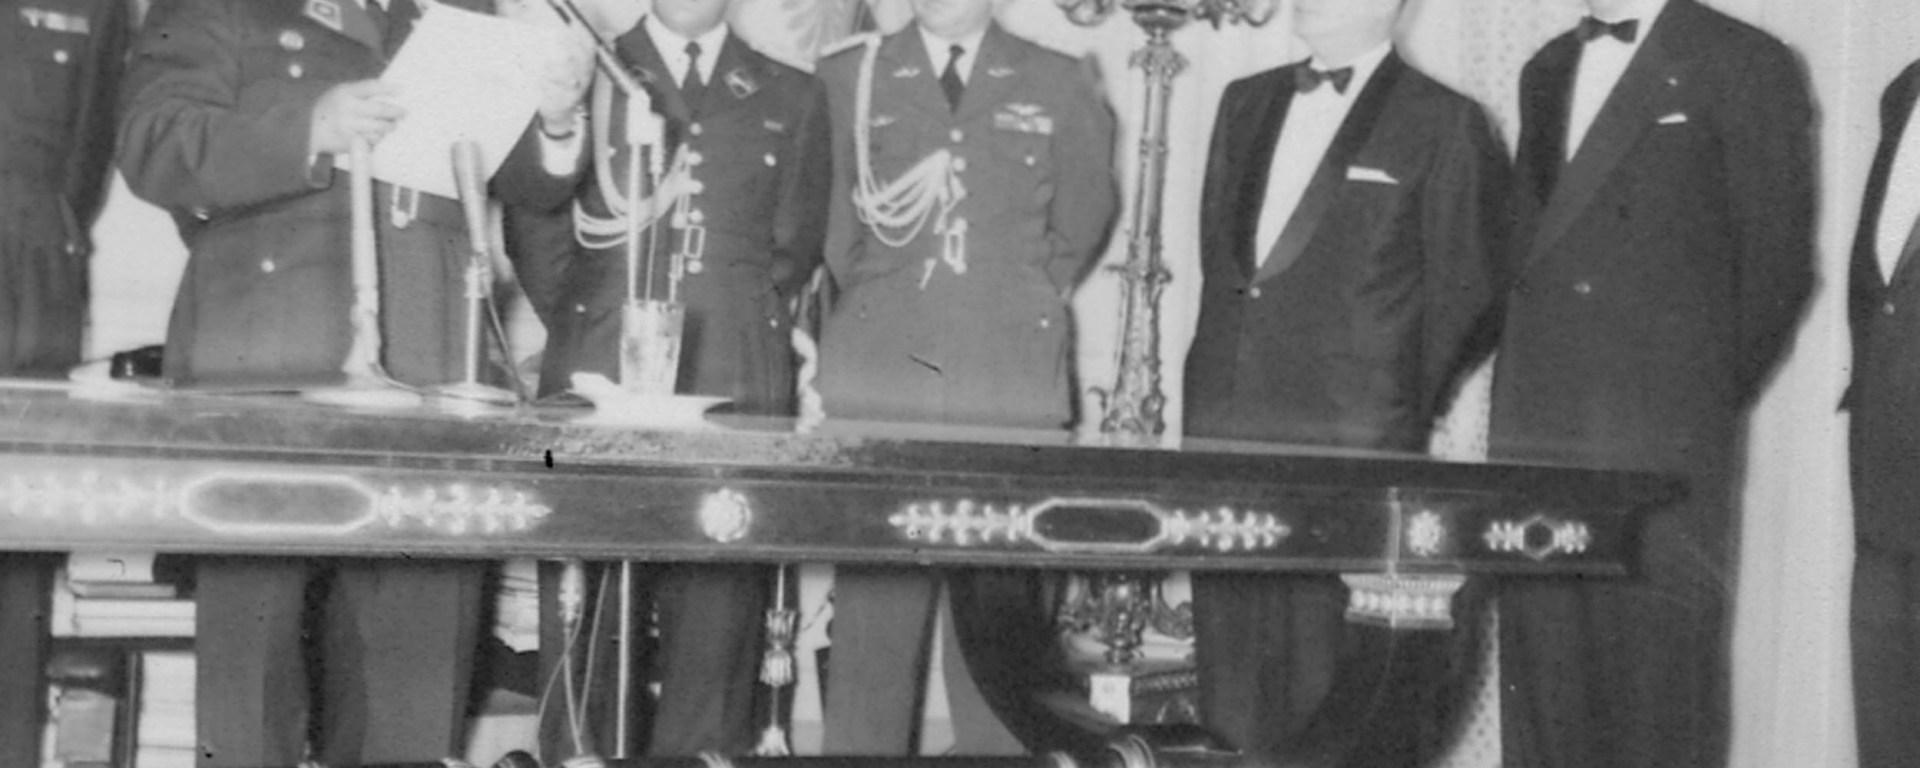 Alocución de Año Nuevo del General Pérez Jiménez 31--12-1957 Milagros Socorro